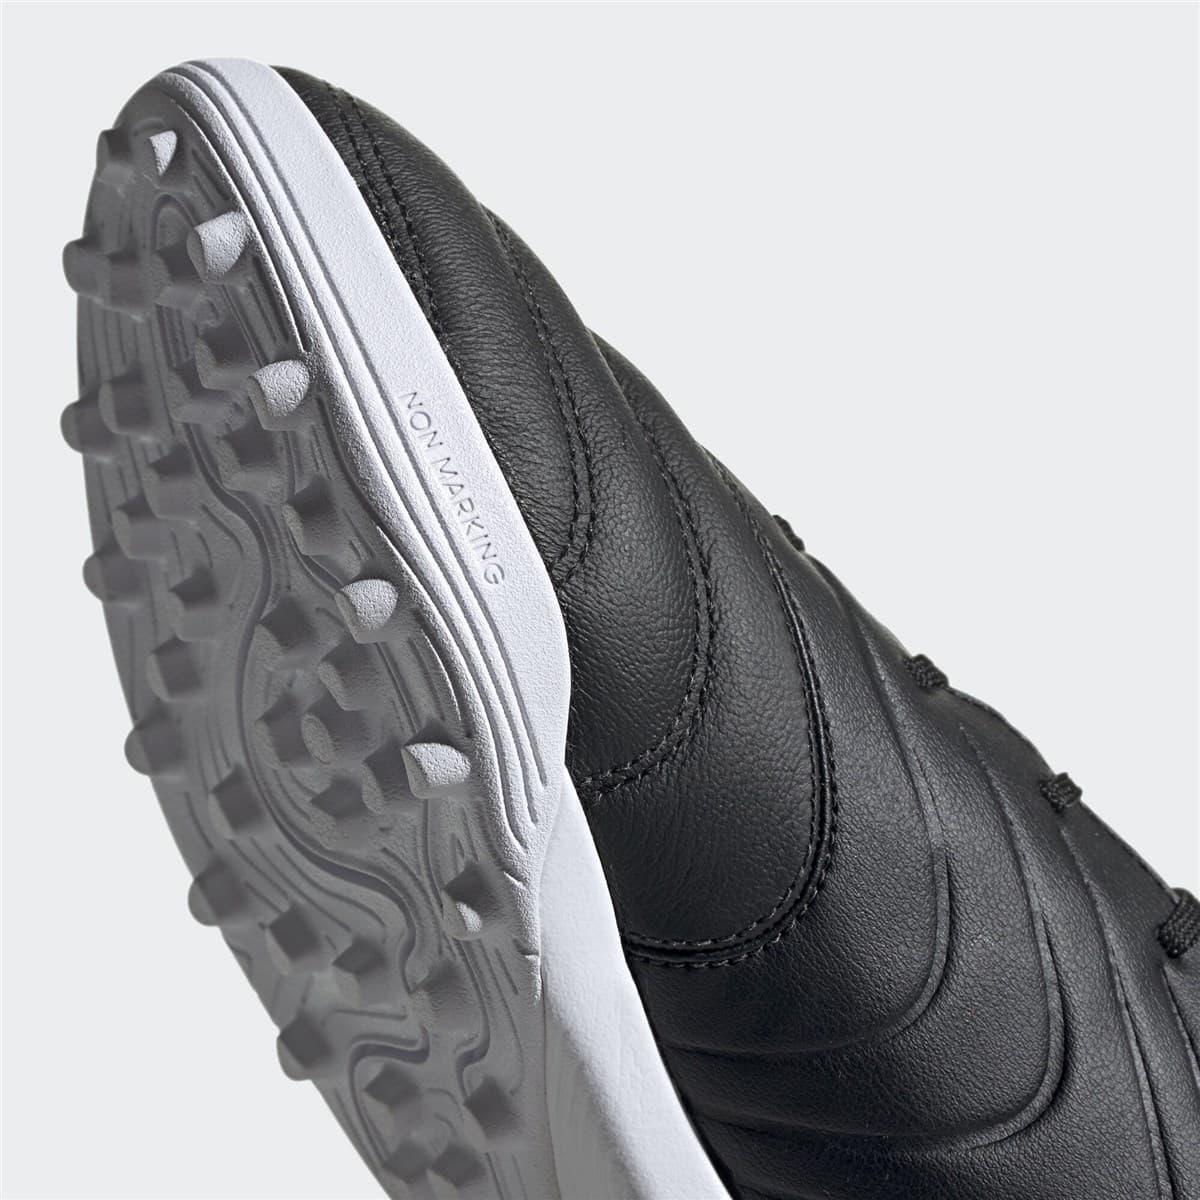 Copa 19.3 Siyah Halı Saha Ayakkabısı